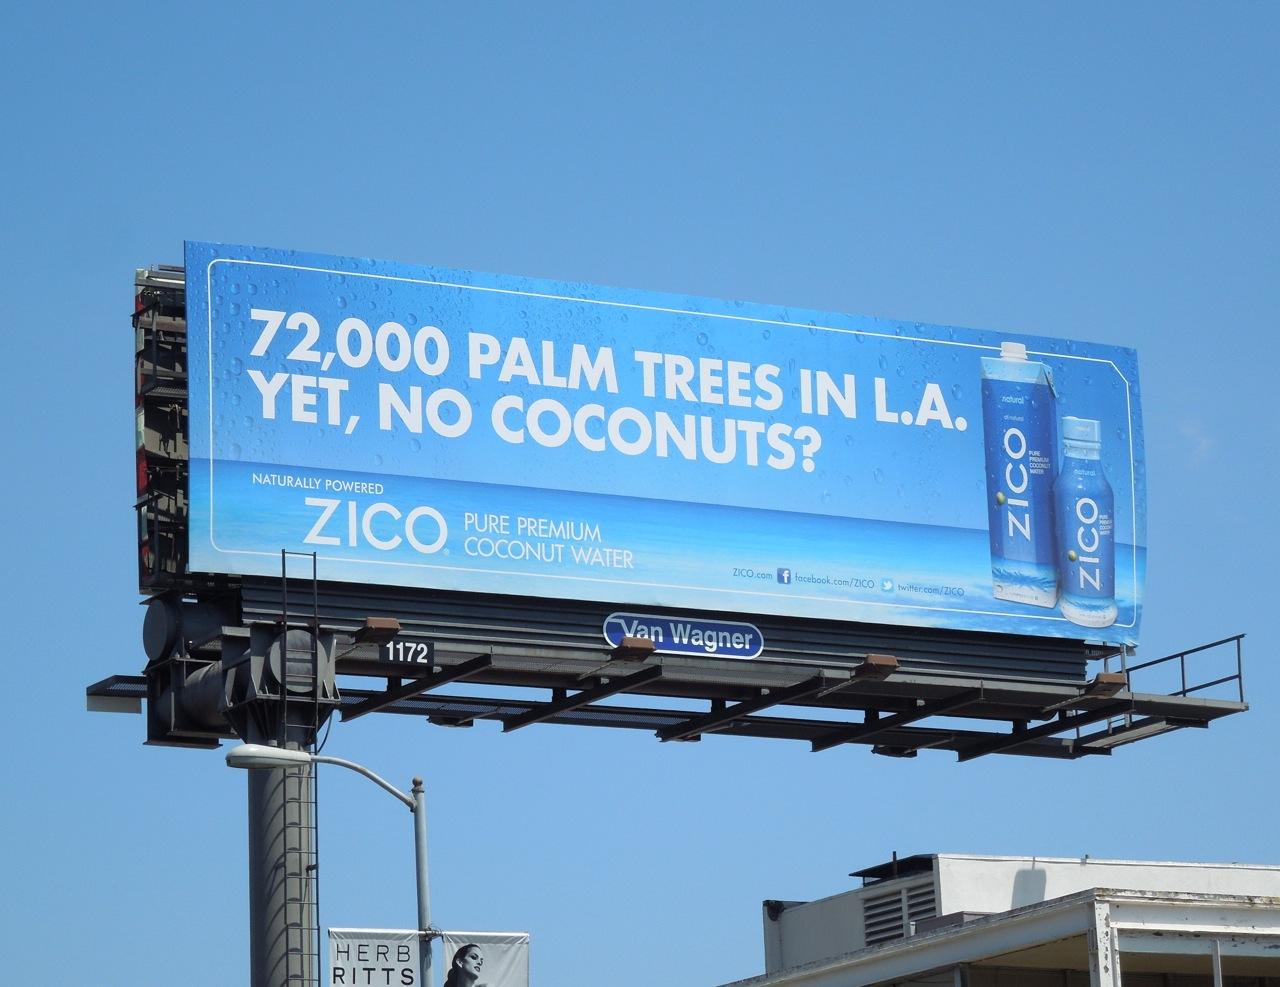 Zico 72,000 Palm trees in LA yet no coconuts billboard